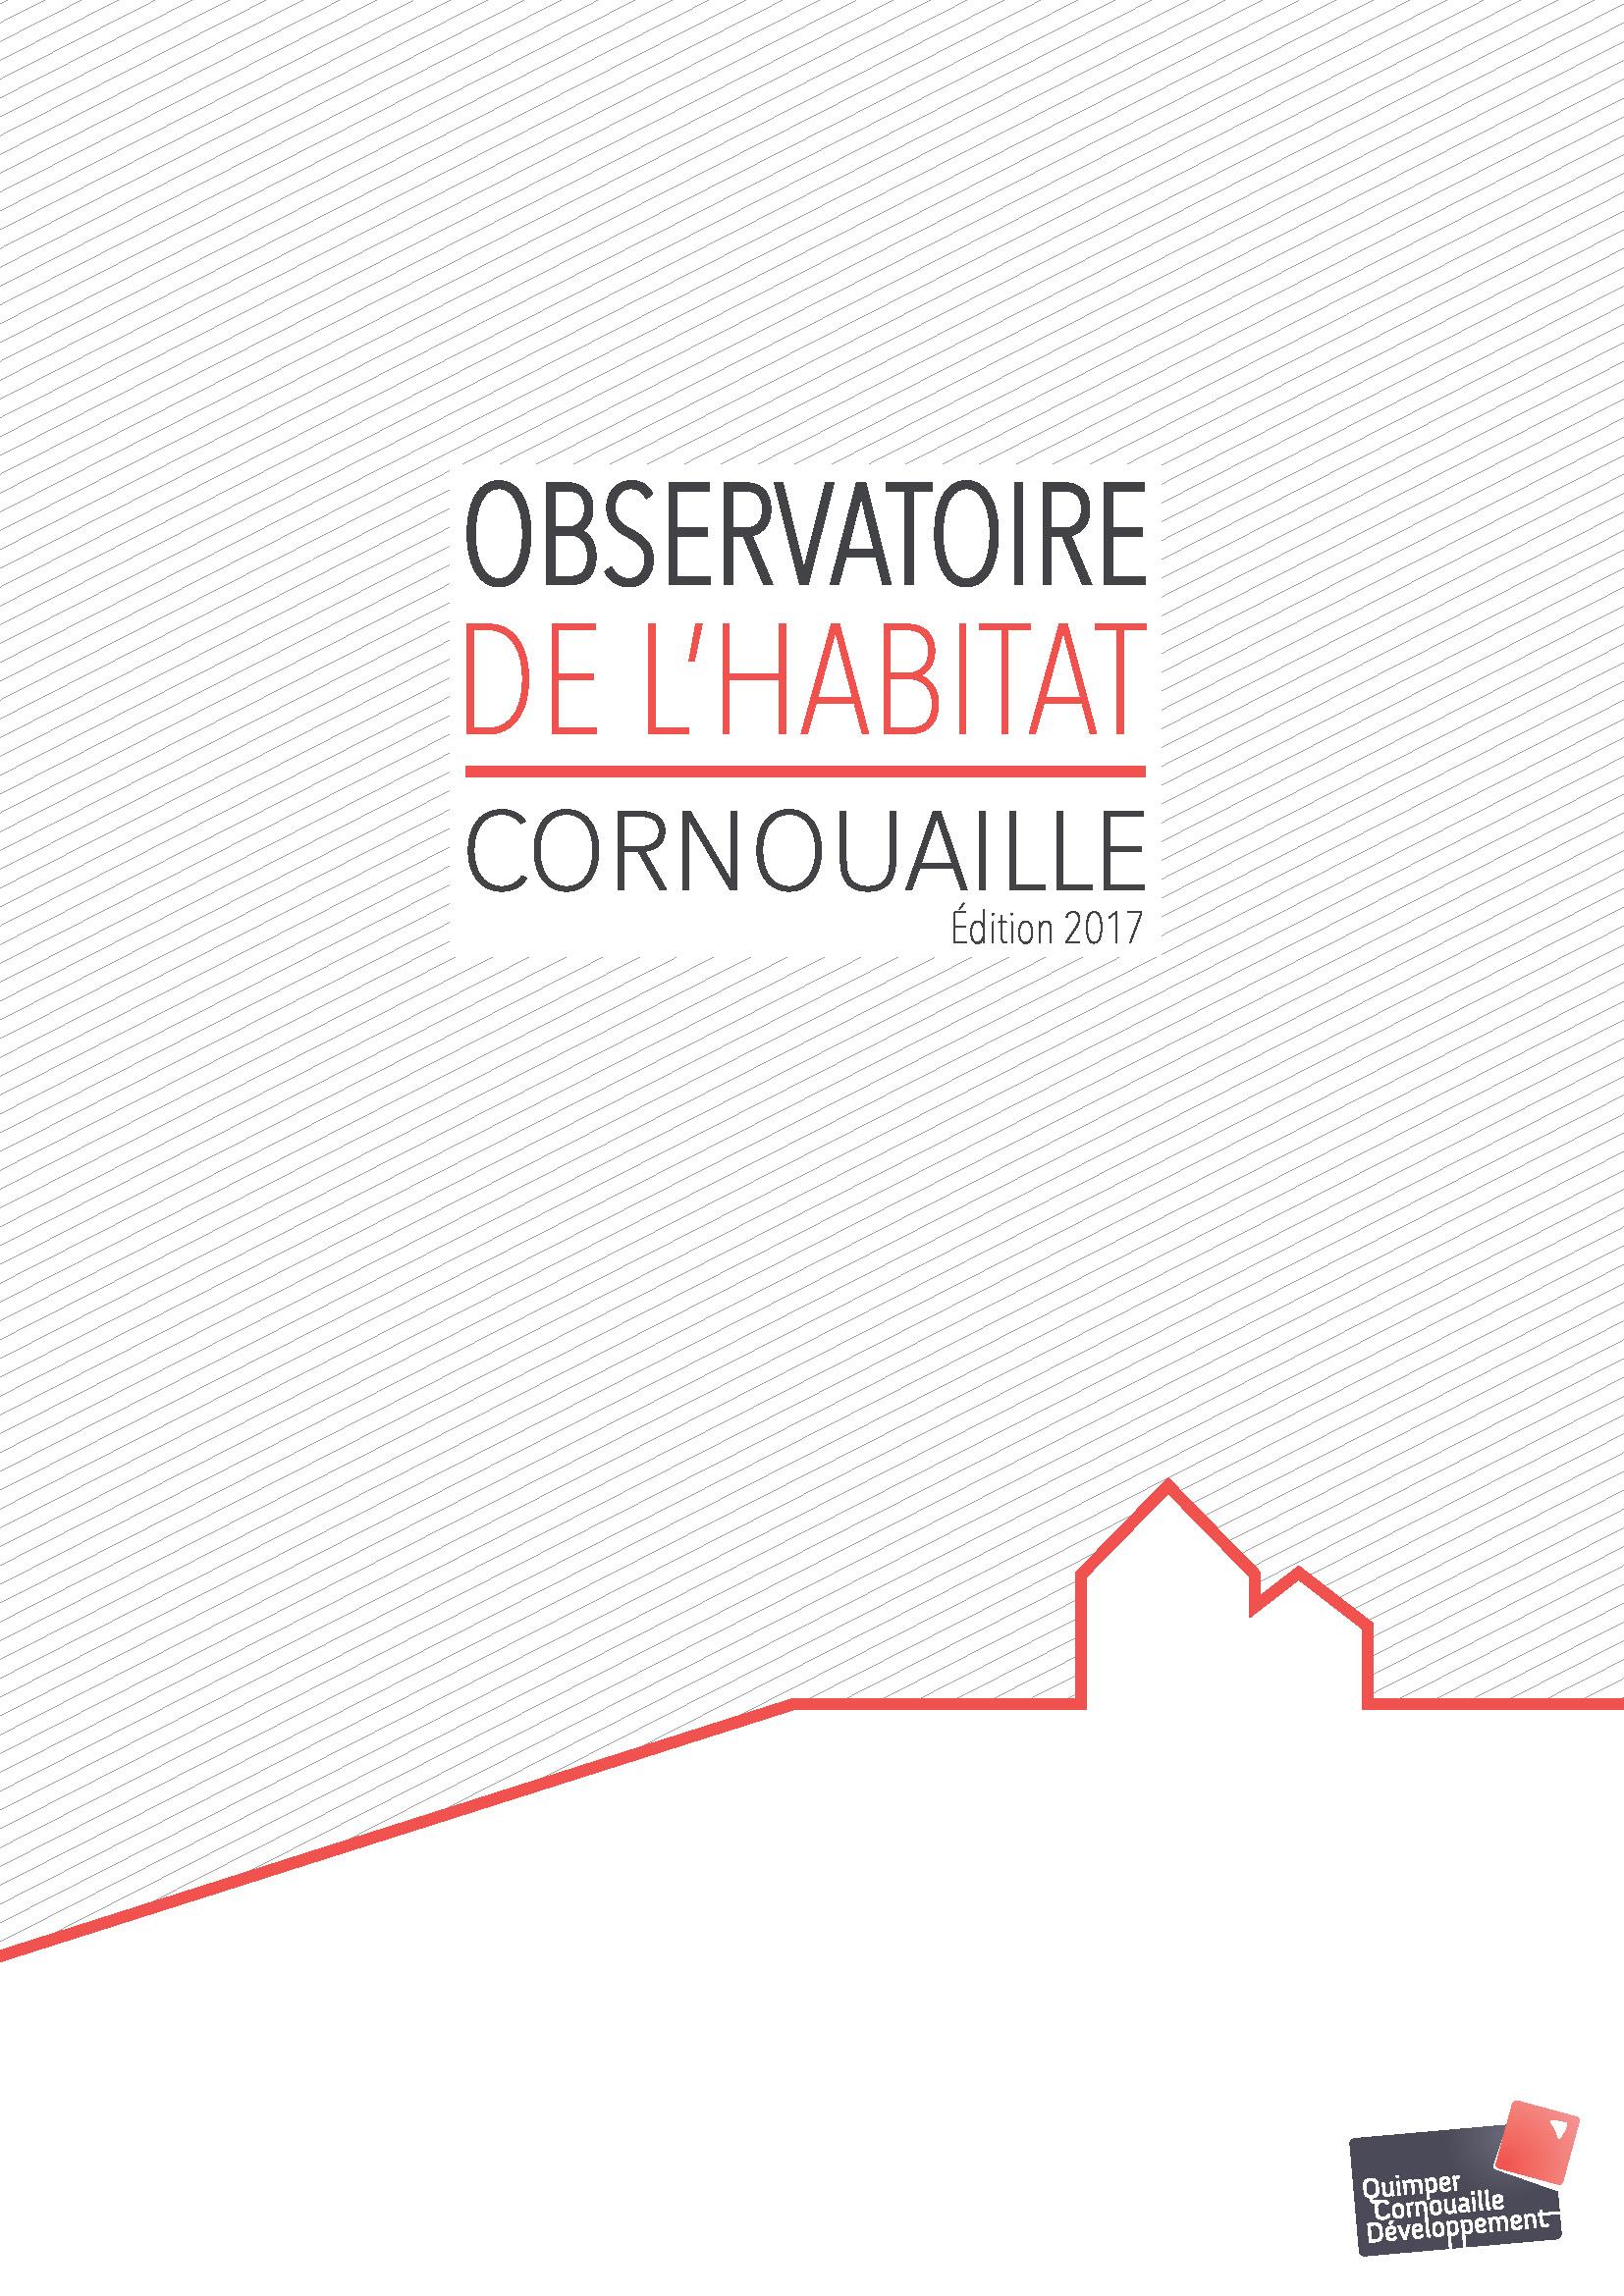 Observatoire de l'habitat en Cornouaille 2017 (Quimper Cornouaille Développement